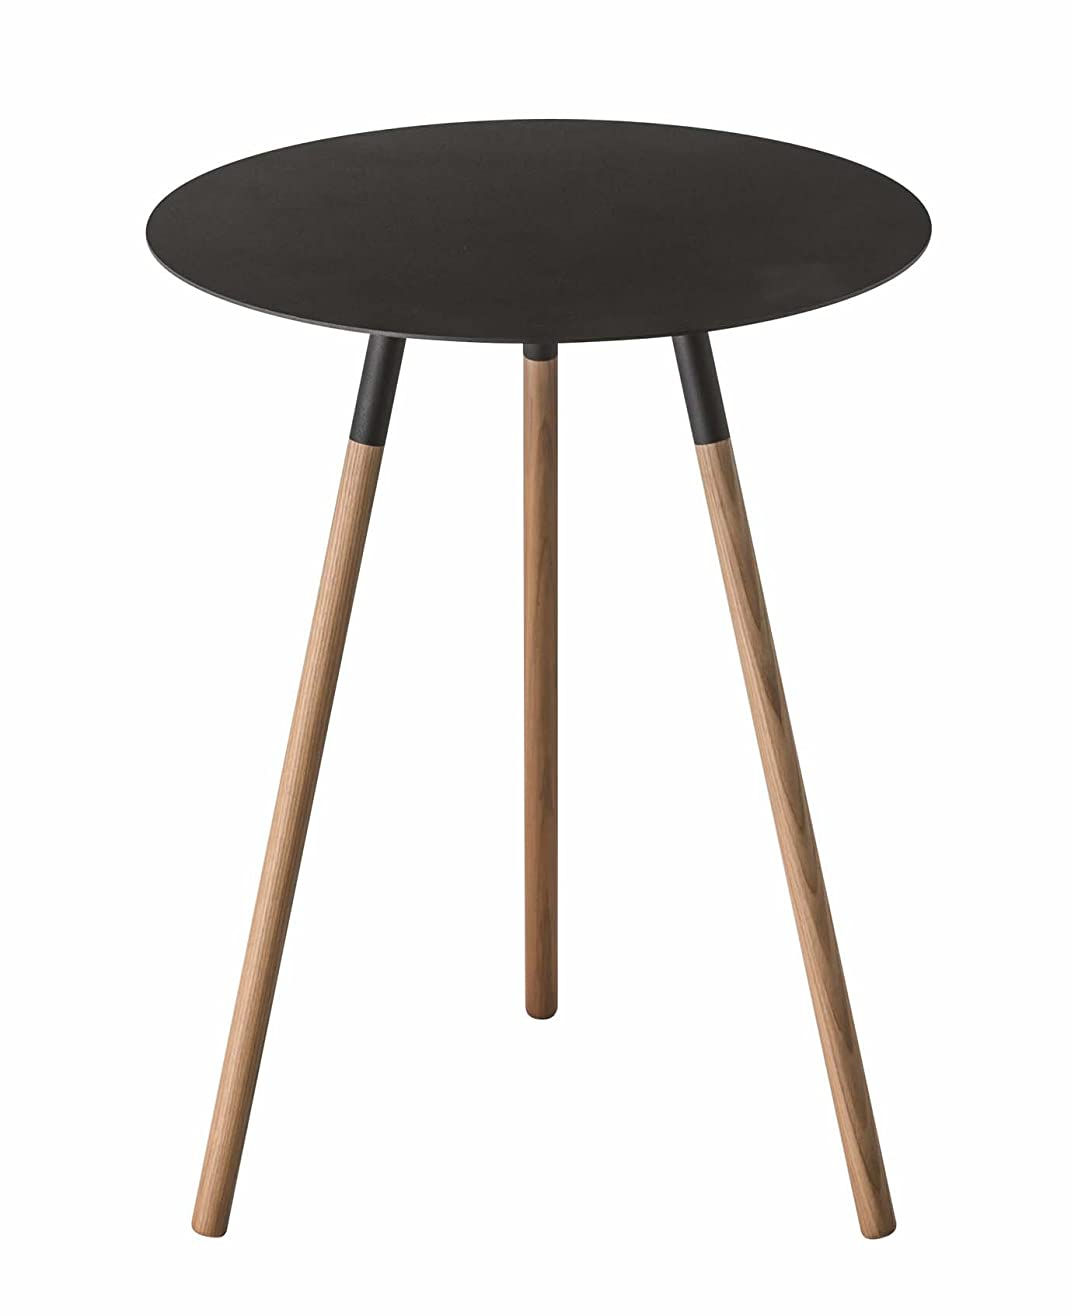 キャップツイントリップ山崎実業 サイドテーブル プレーン ブラック 2342